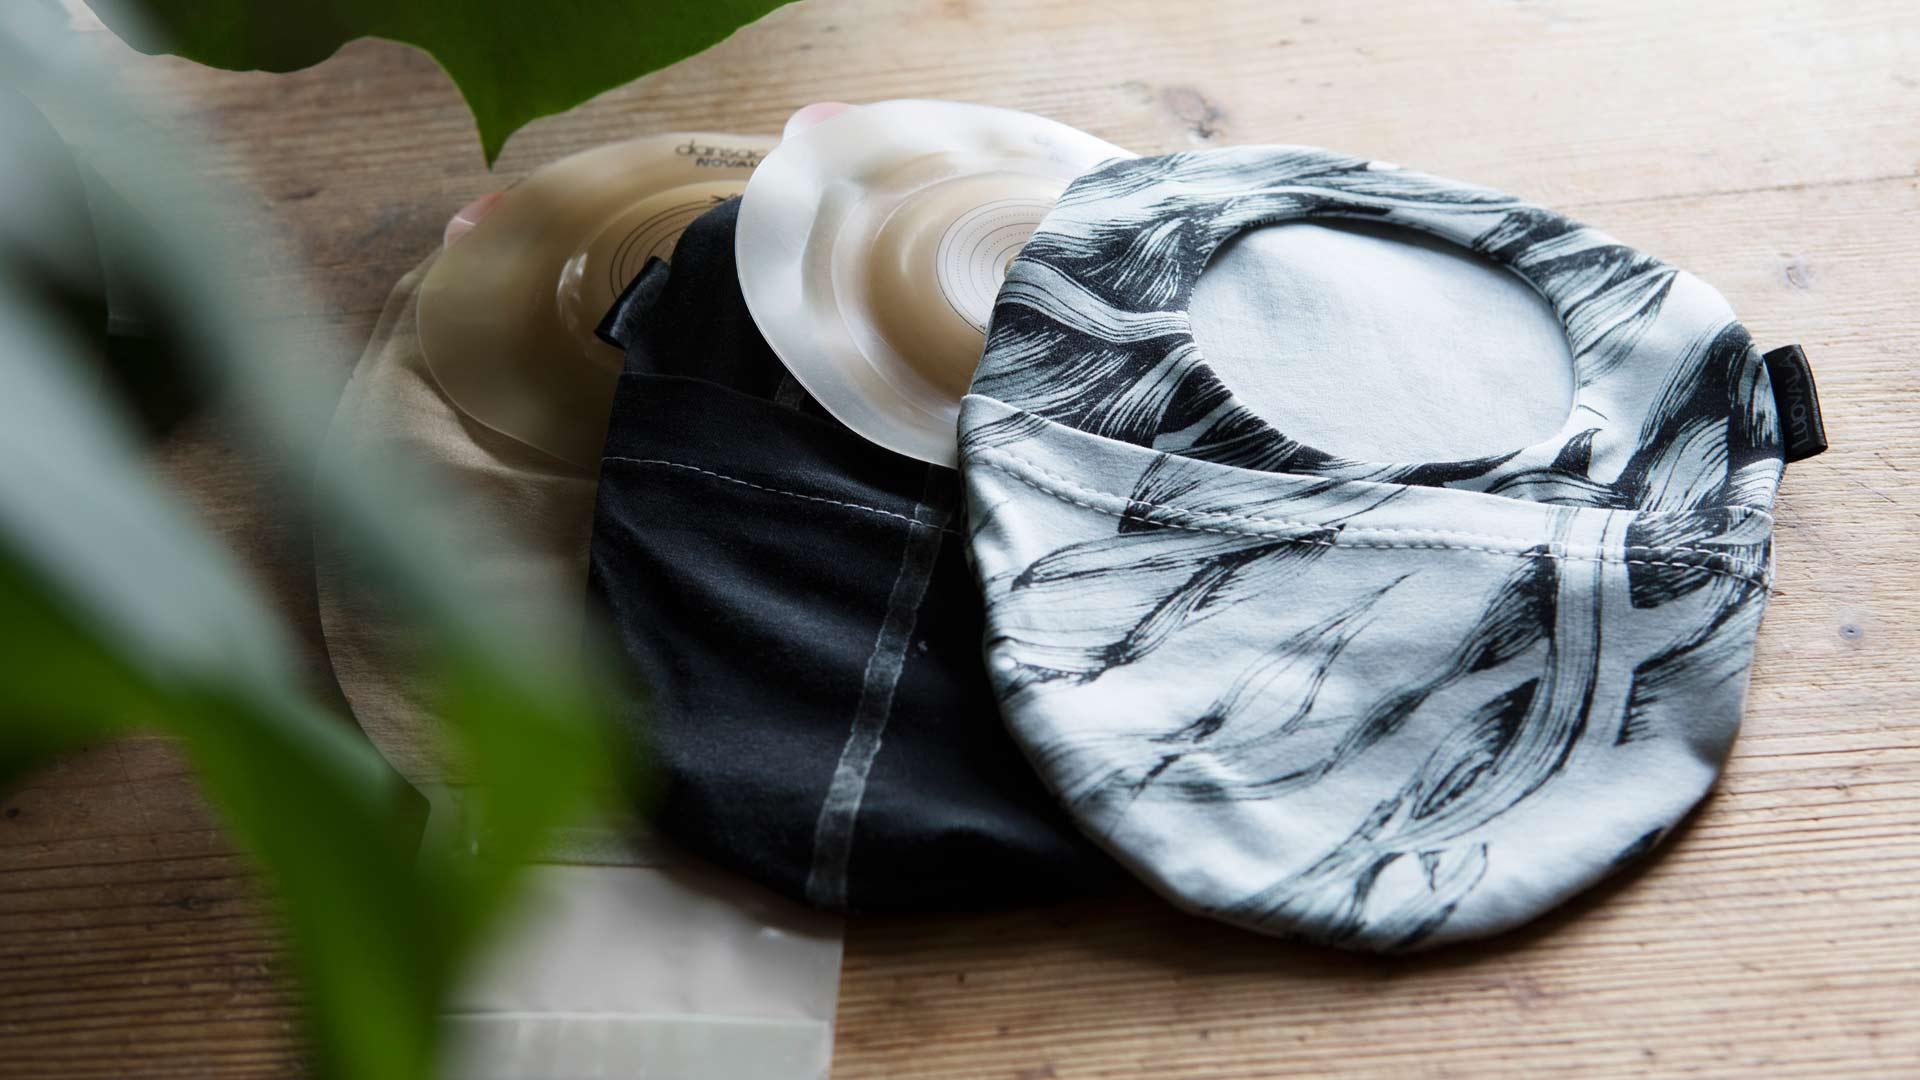 Minna on ommellut avanteensa suojaksi erilaisia avannepusseja. Asusteen tapaan Minna vaihtaa toisinaan pussukan sopimaan vaatteisiinsa.